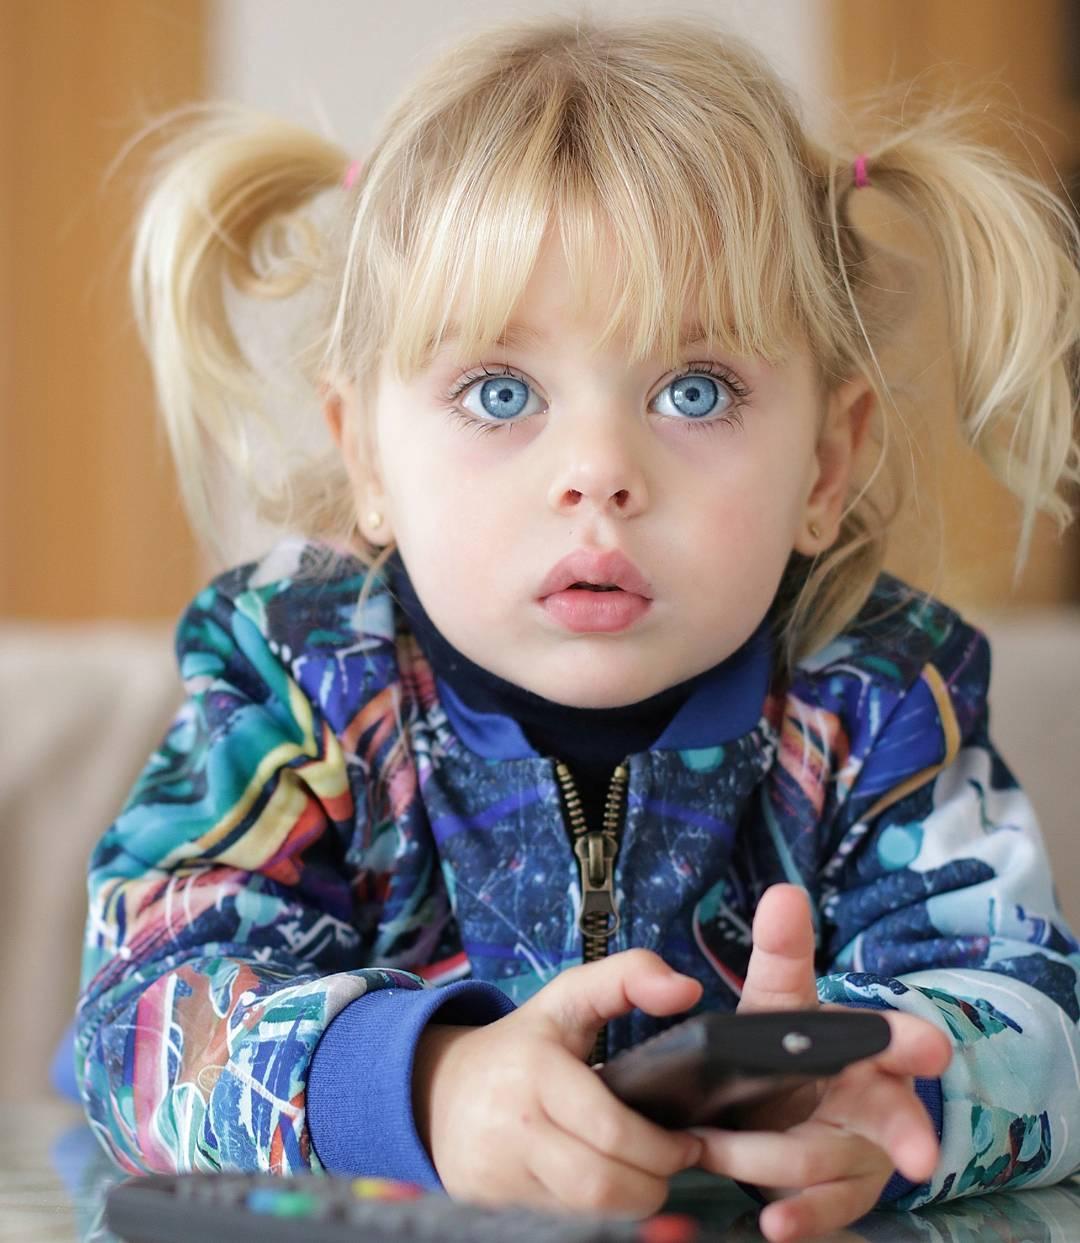 بالصور عيون زرقاء , صور لاجمل العيون الملونة 3586 9